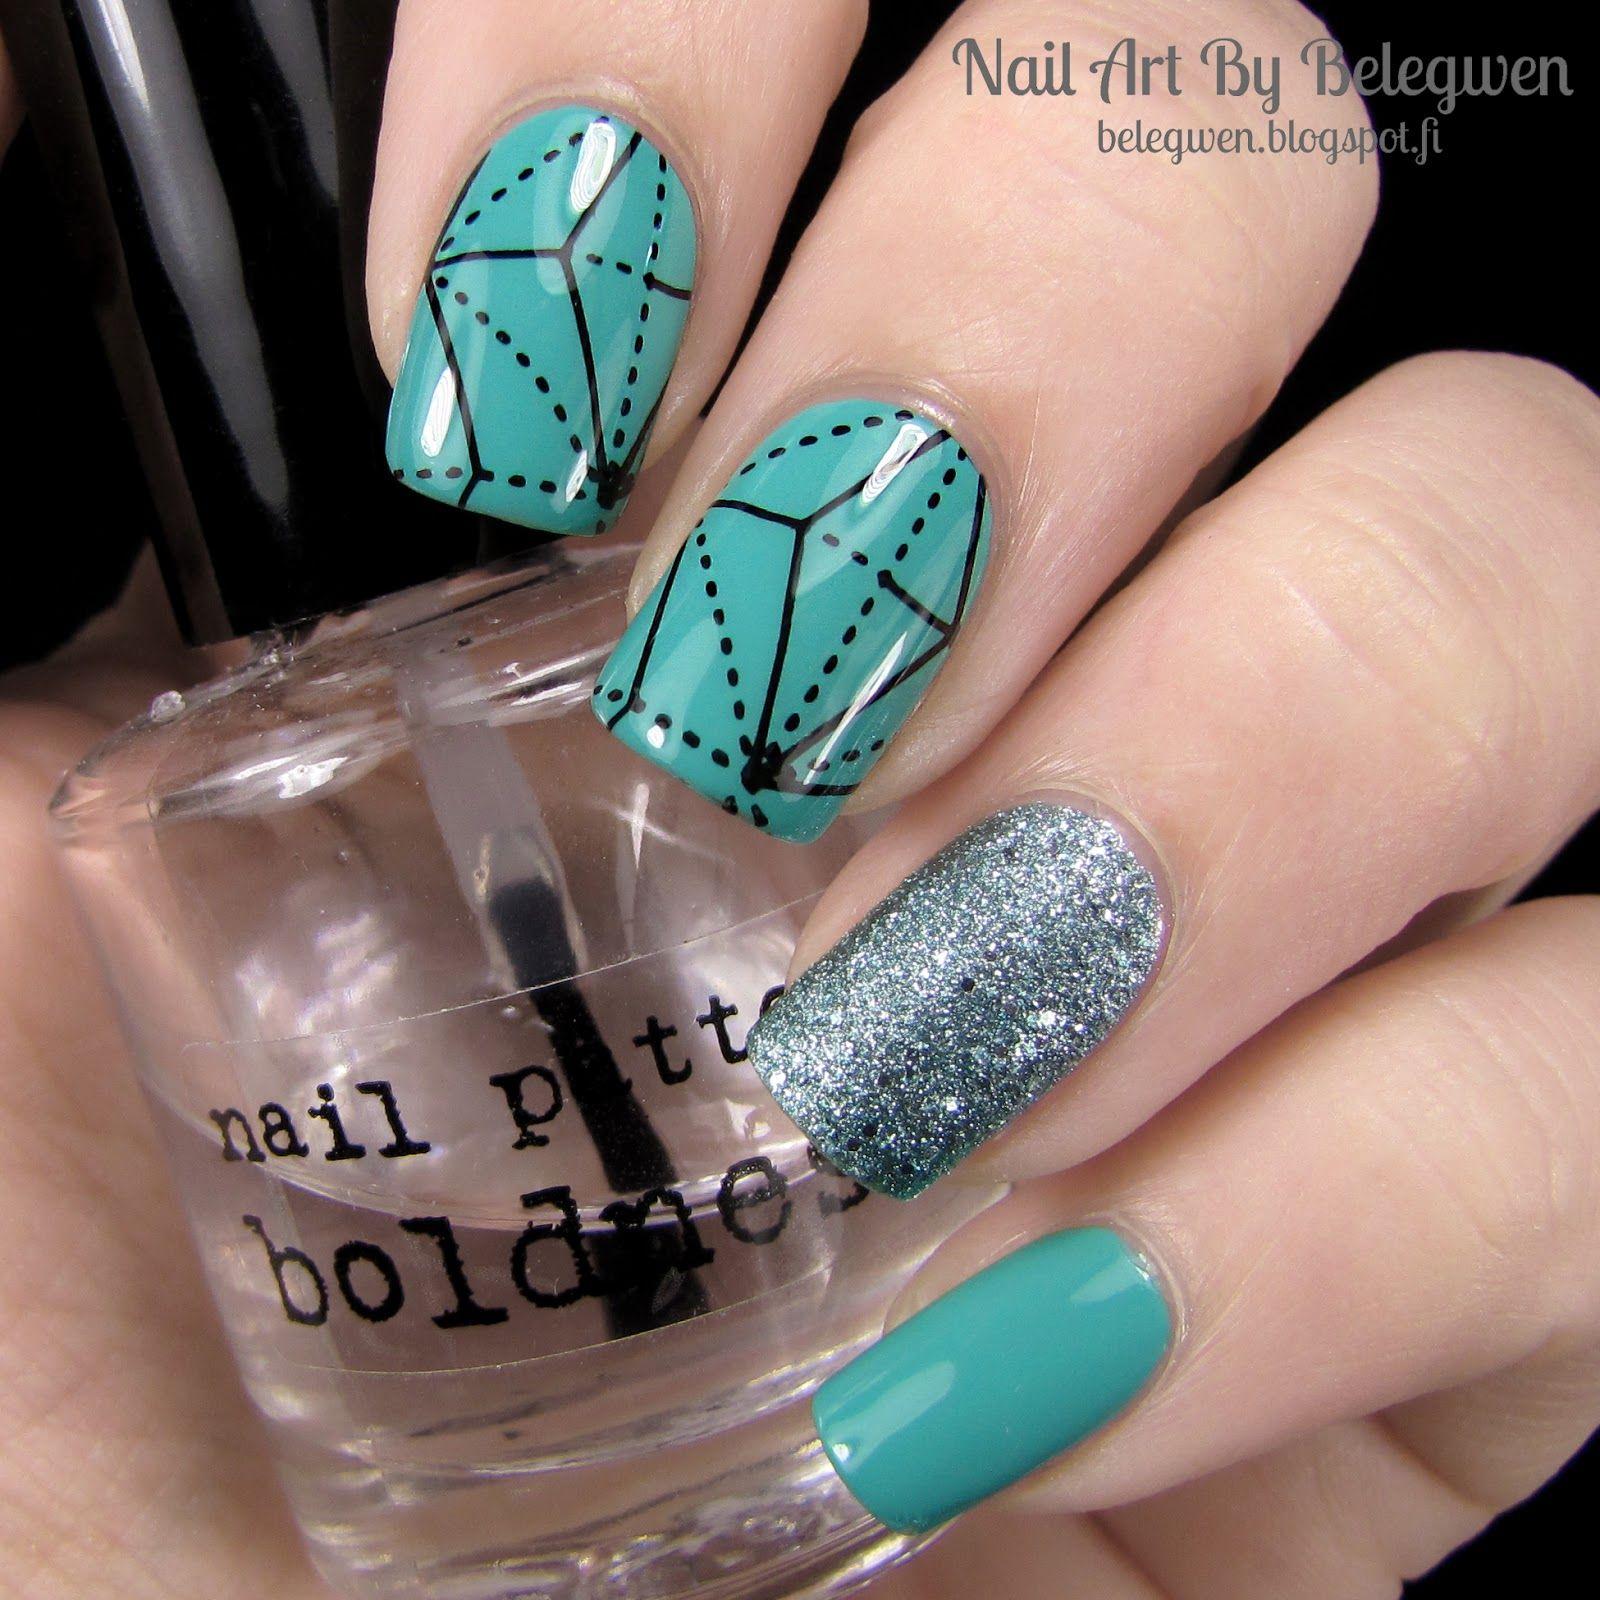 Nail Art by Belegwen: Depend nr. 54 and Jade Vine